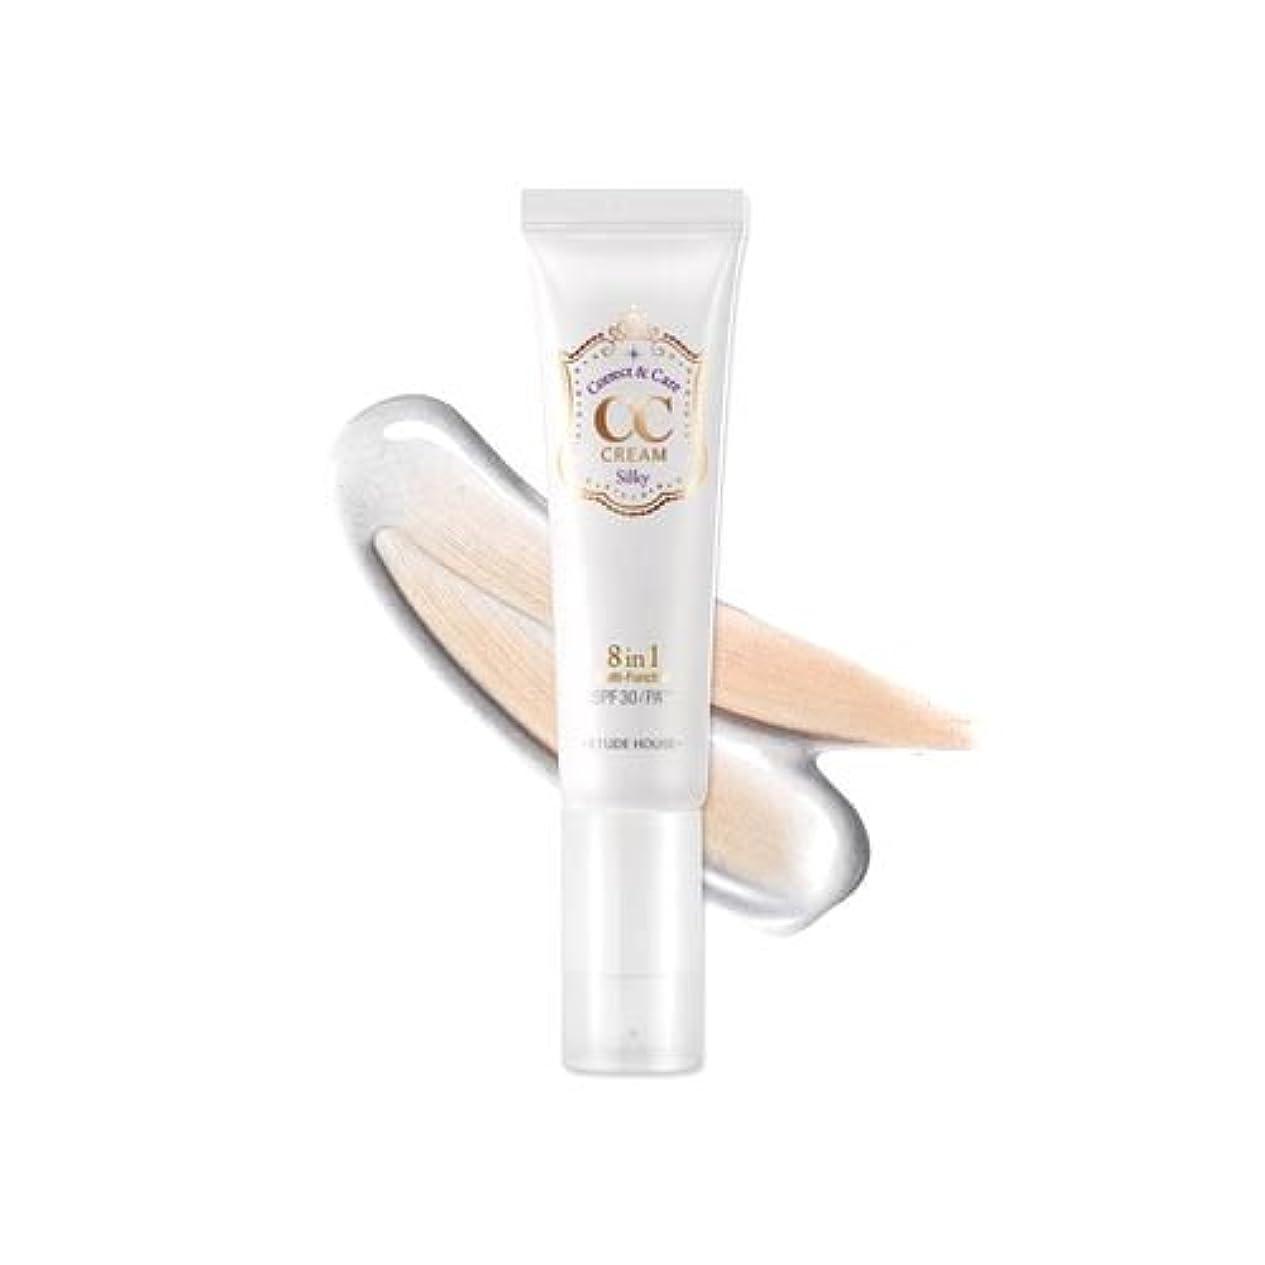 余裕がある周術期入植者(3 Pack) ETUDE HOUSE CC Cream - #01 Silky (並行輸入品)